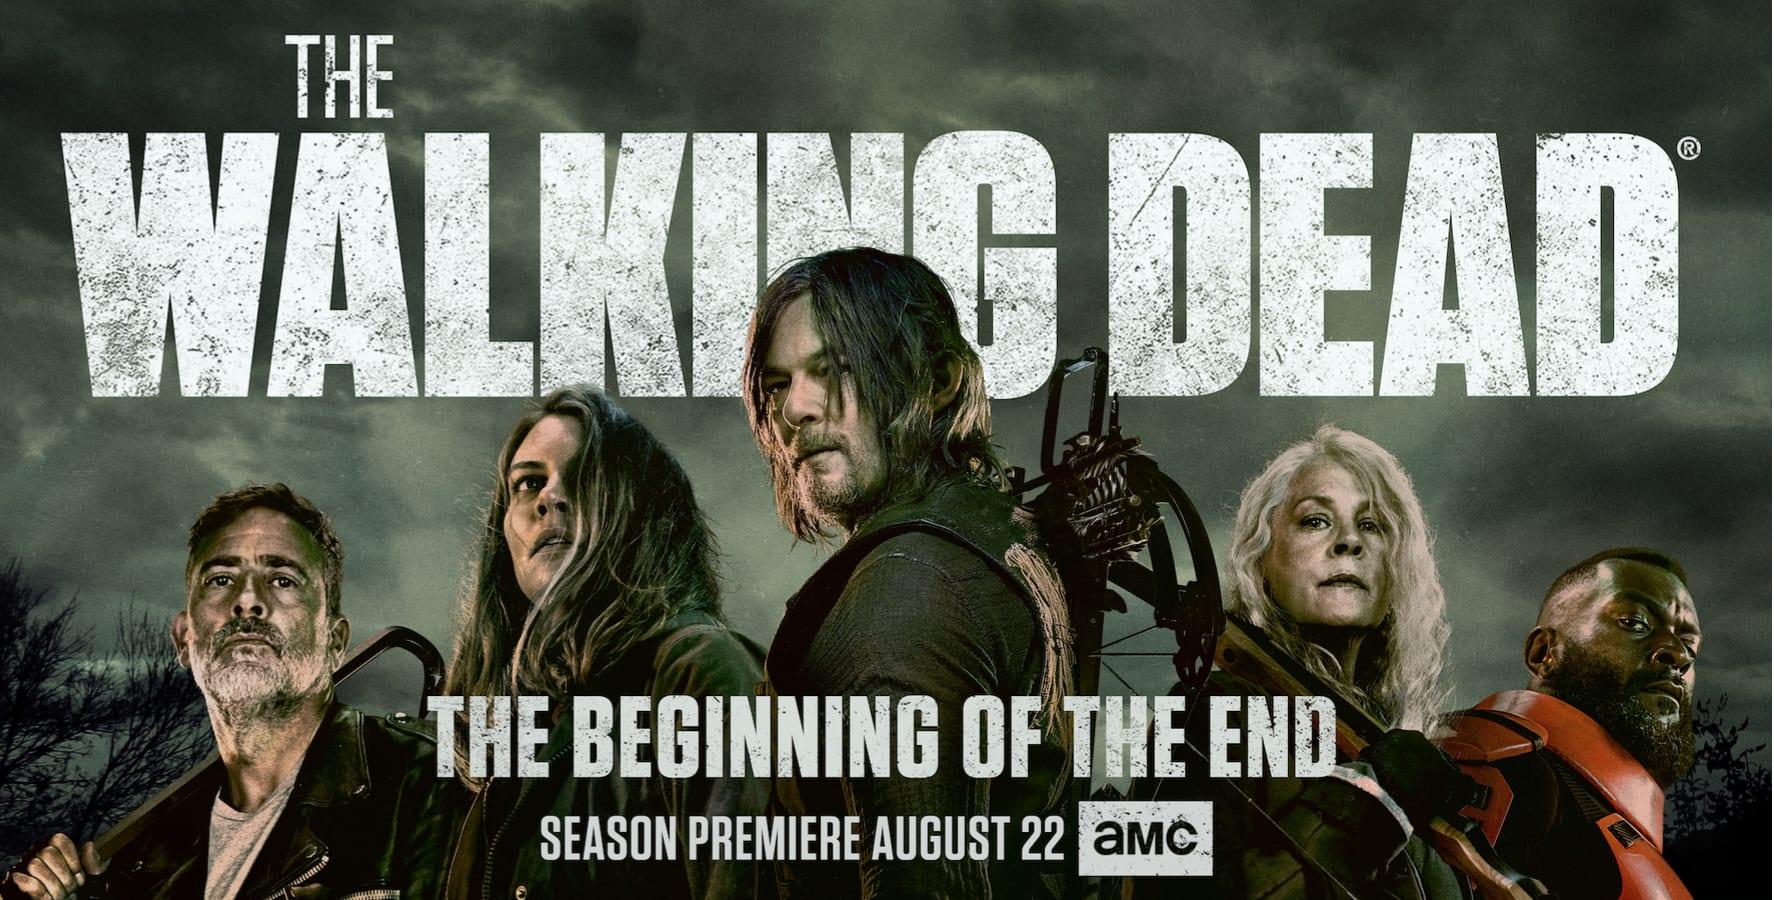 The Walking Dead Season 10 on Netflix: Here's when You can Watch it